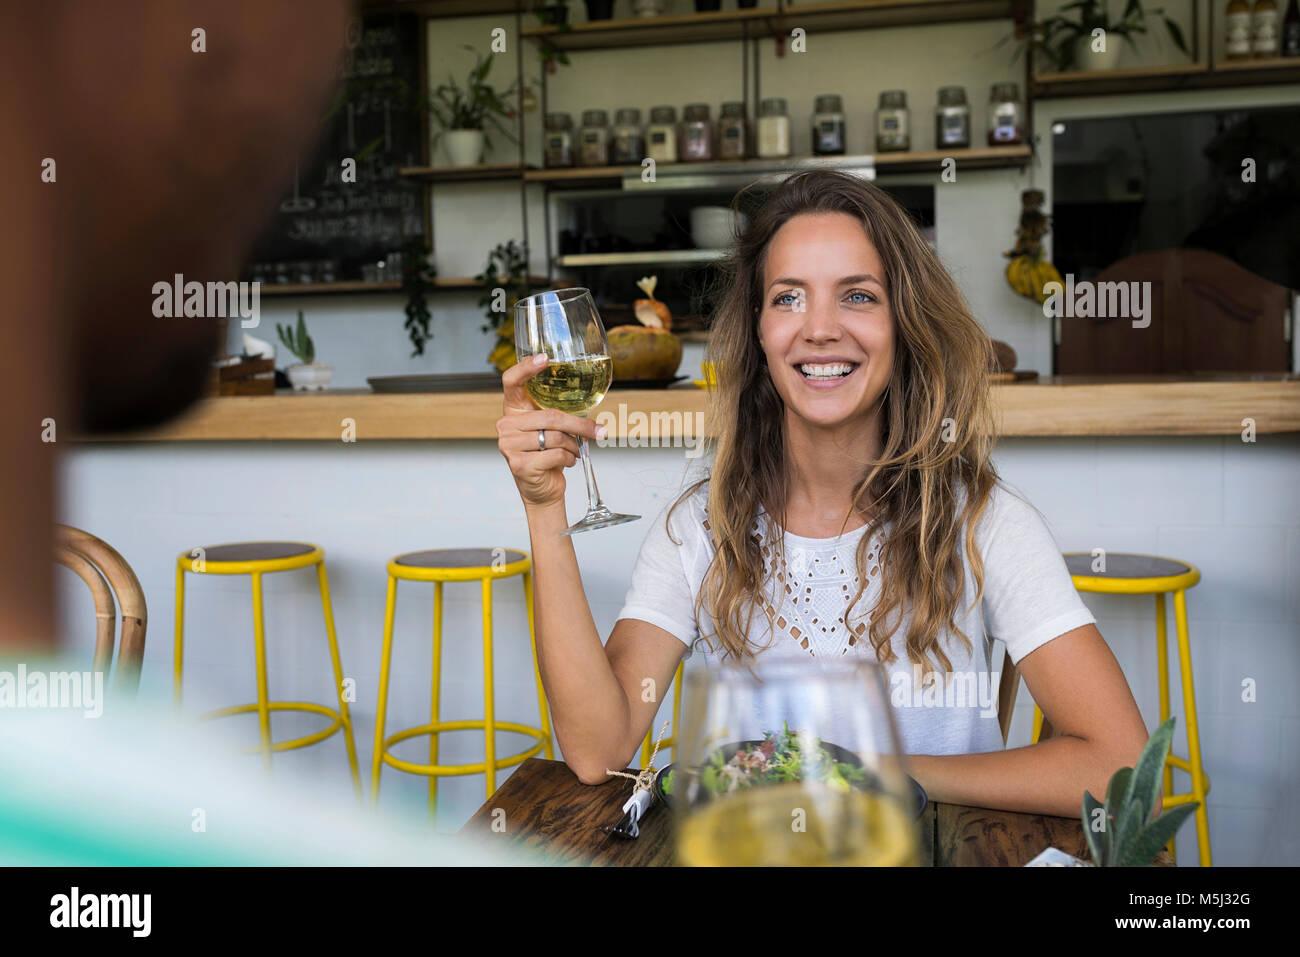 Mujer sonriente con copa de vino, mirando al hombre en un café Imagen De Stock